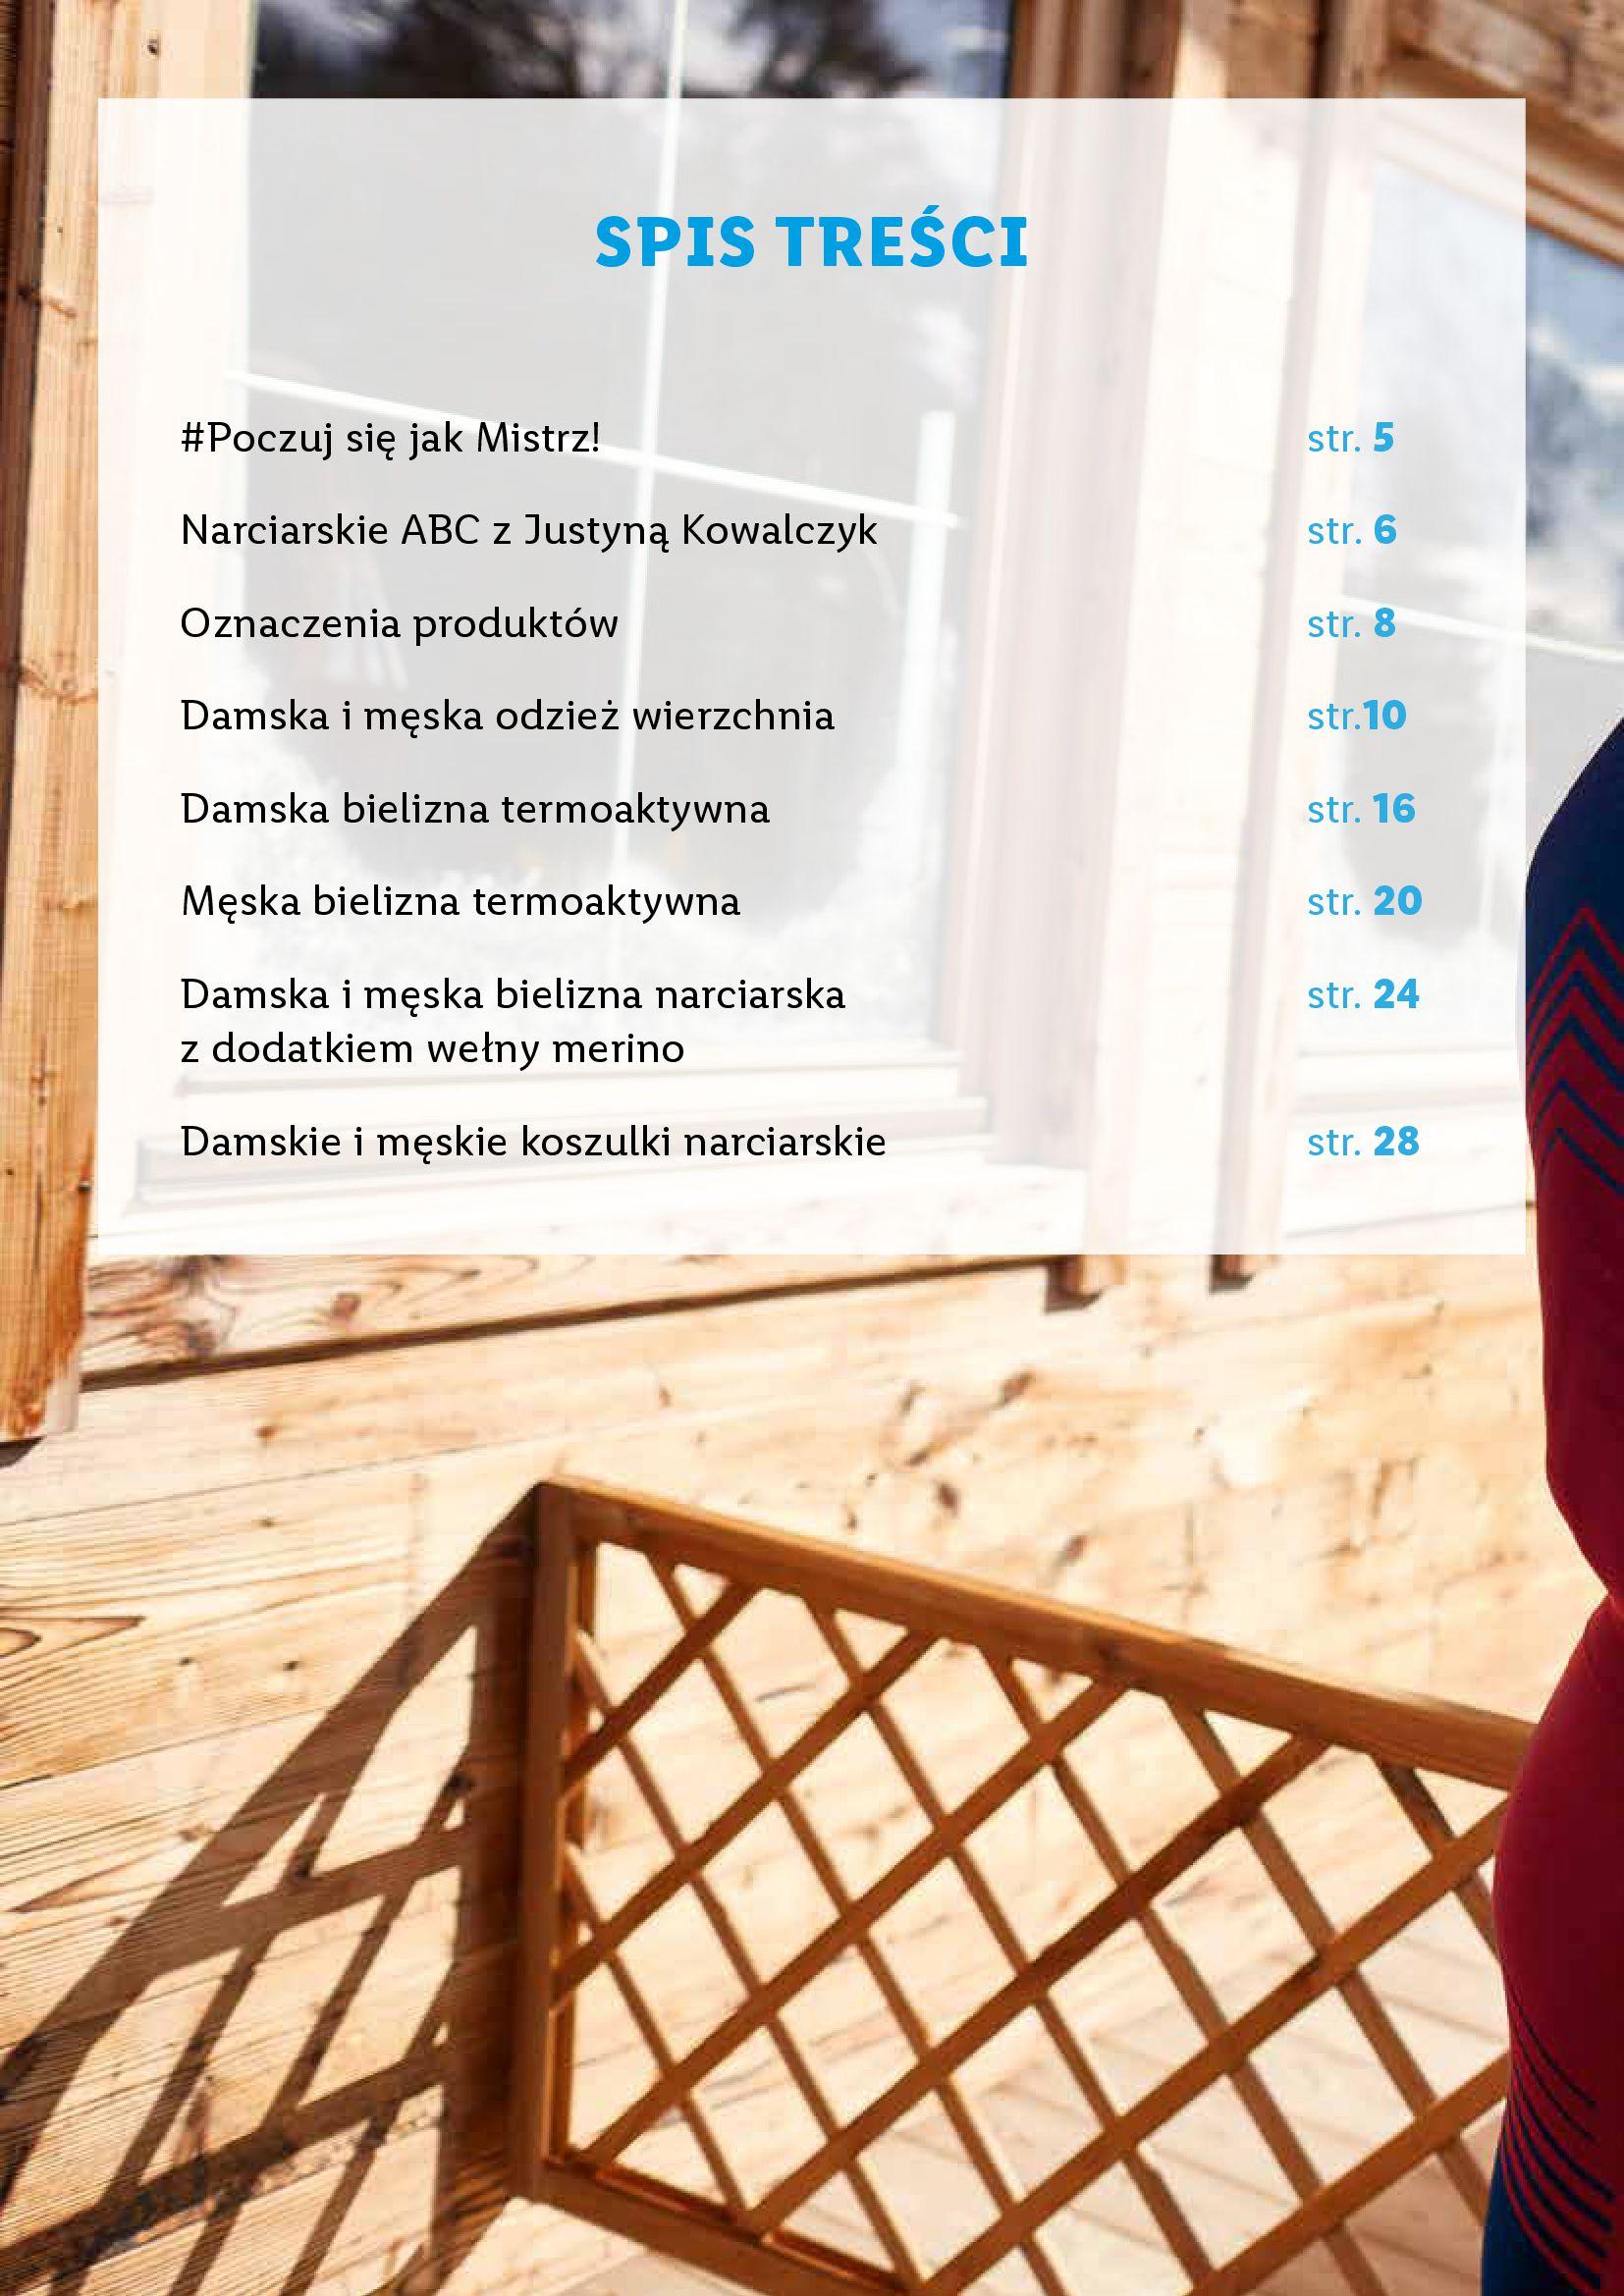 Gazetka Lidl - #Poczuj się jak Mistrz!-11.12.2019-22.12.2019-page-2